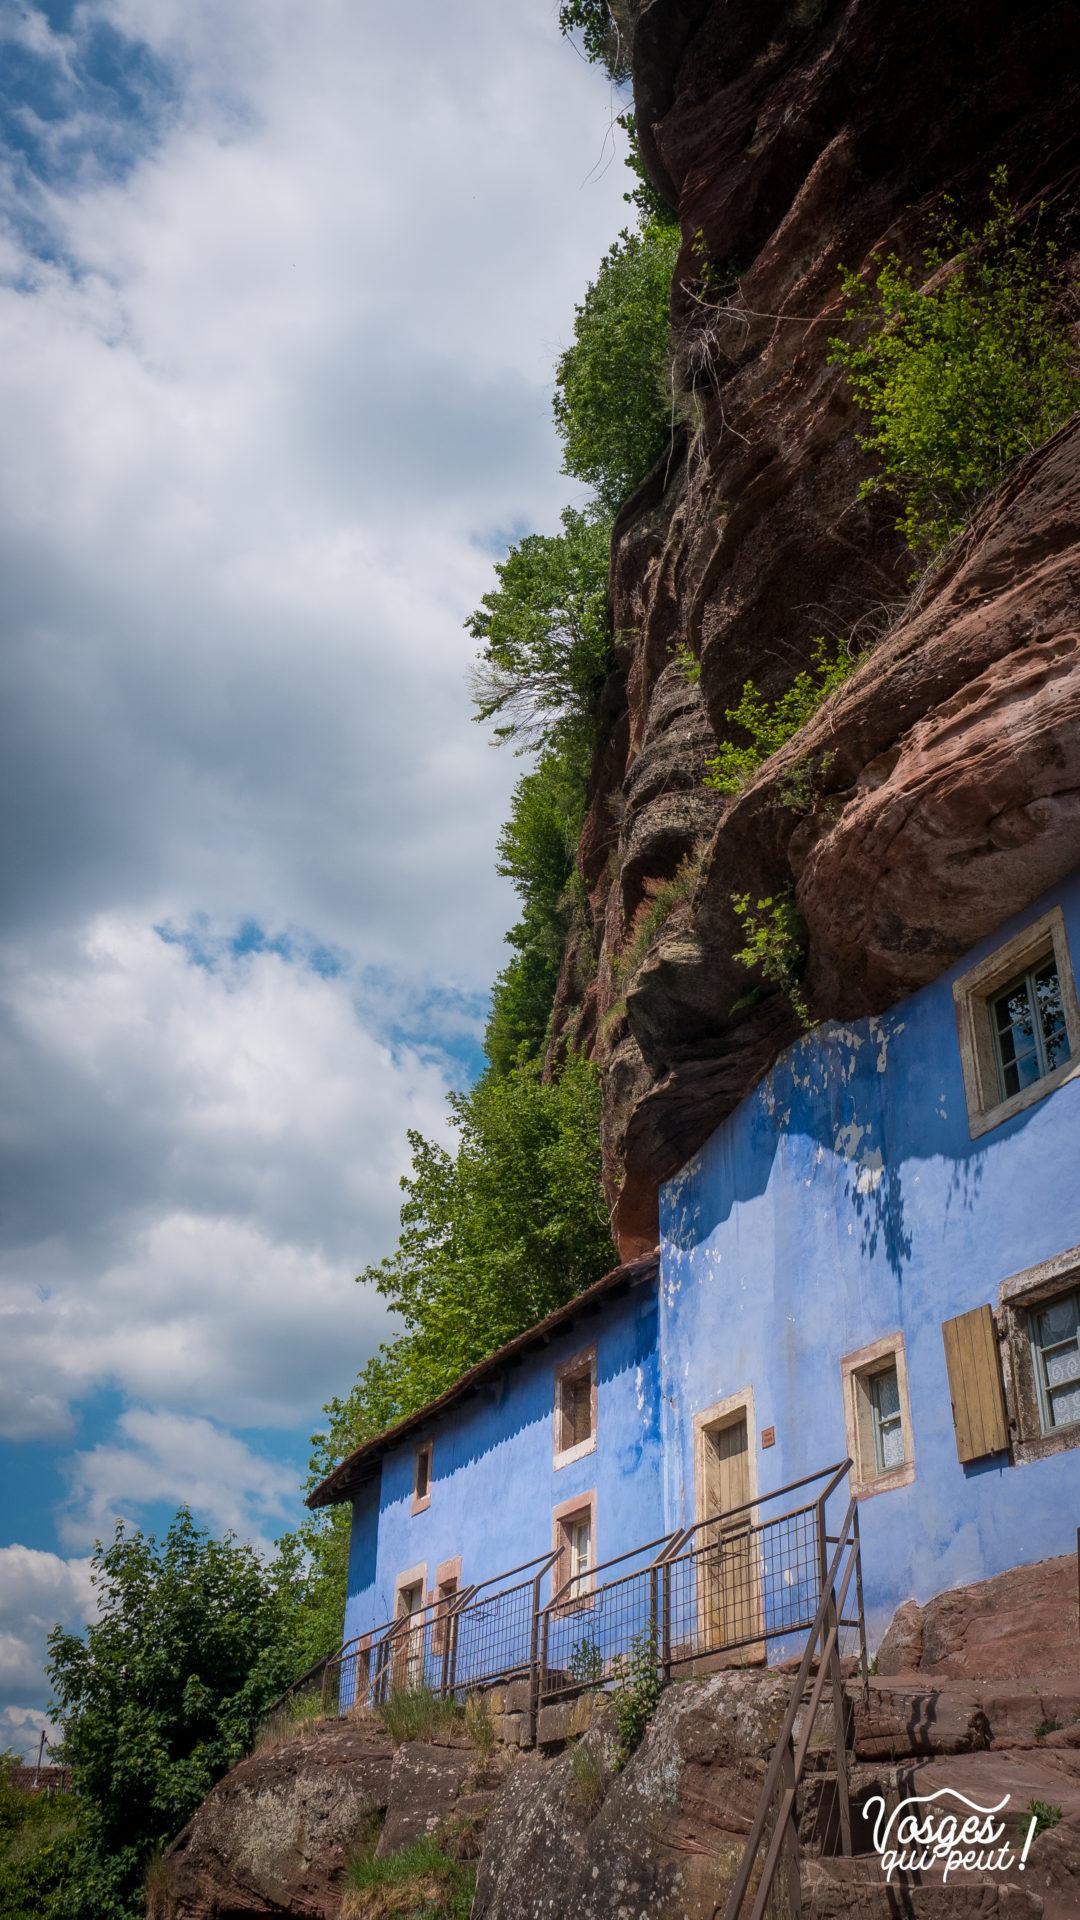 """Une maison troglodyte dite """"des rochers"""" dans le village de Graufthal en Alsace"""